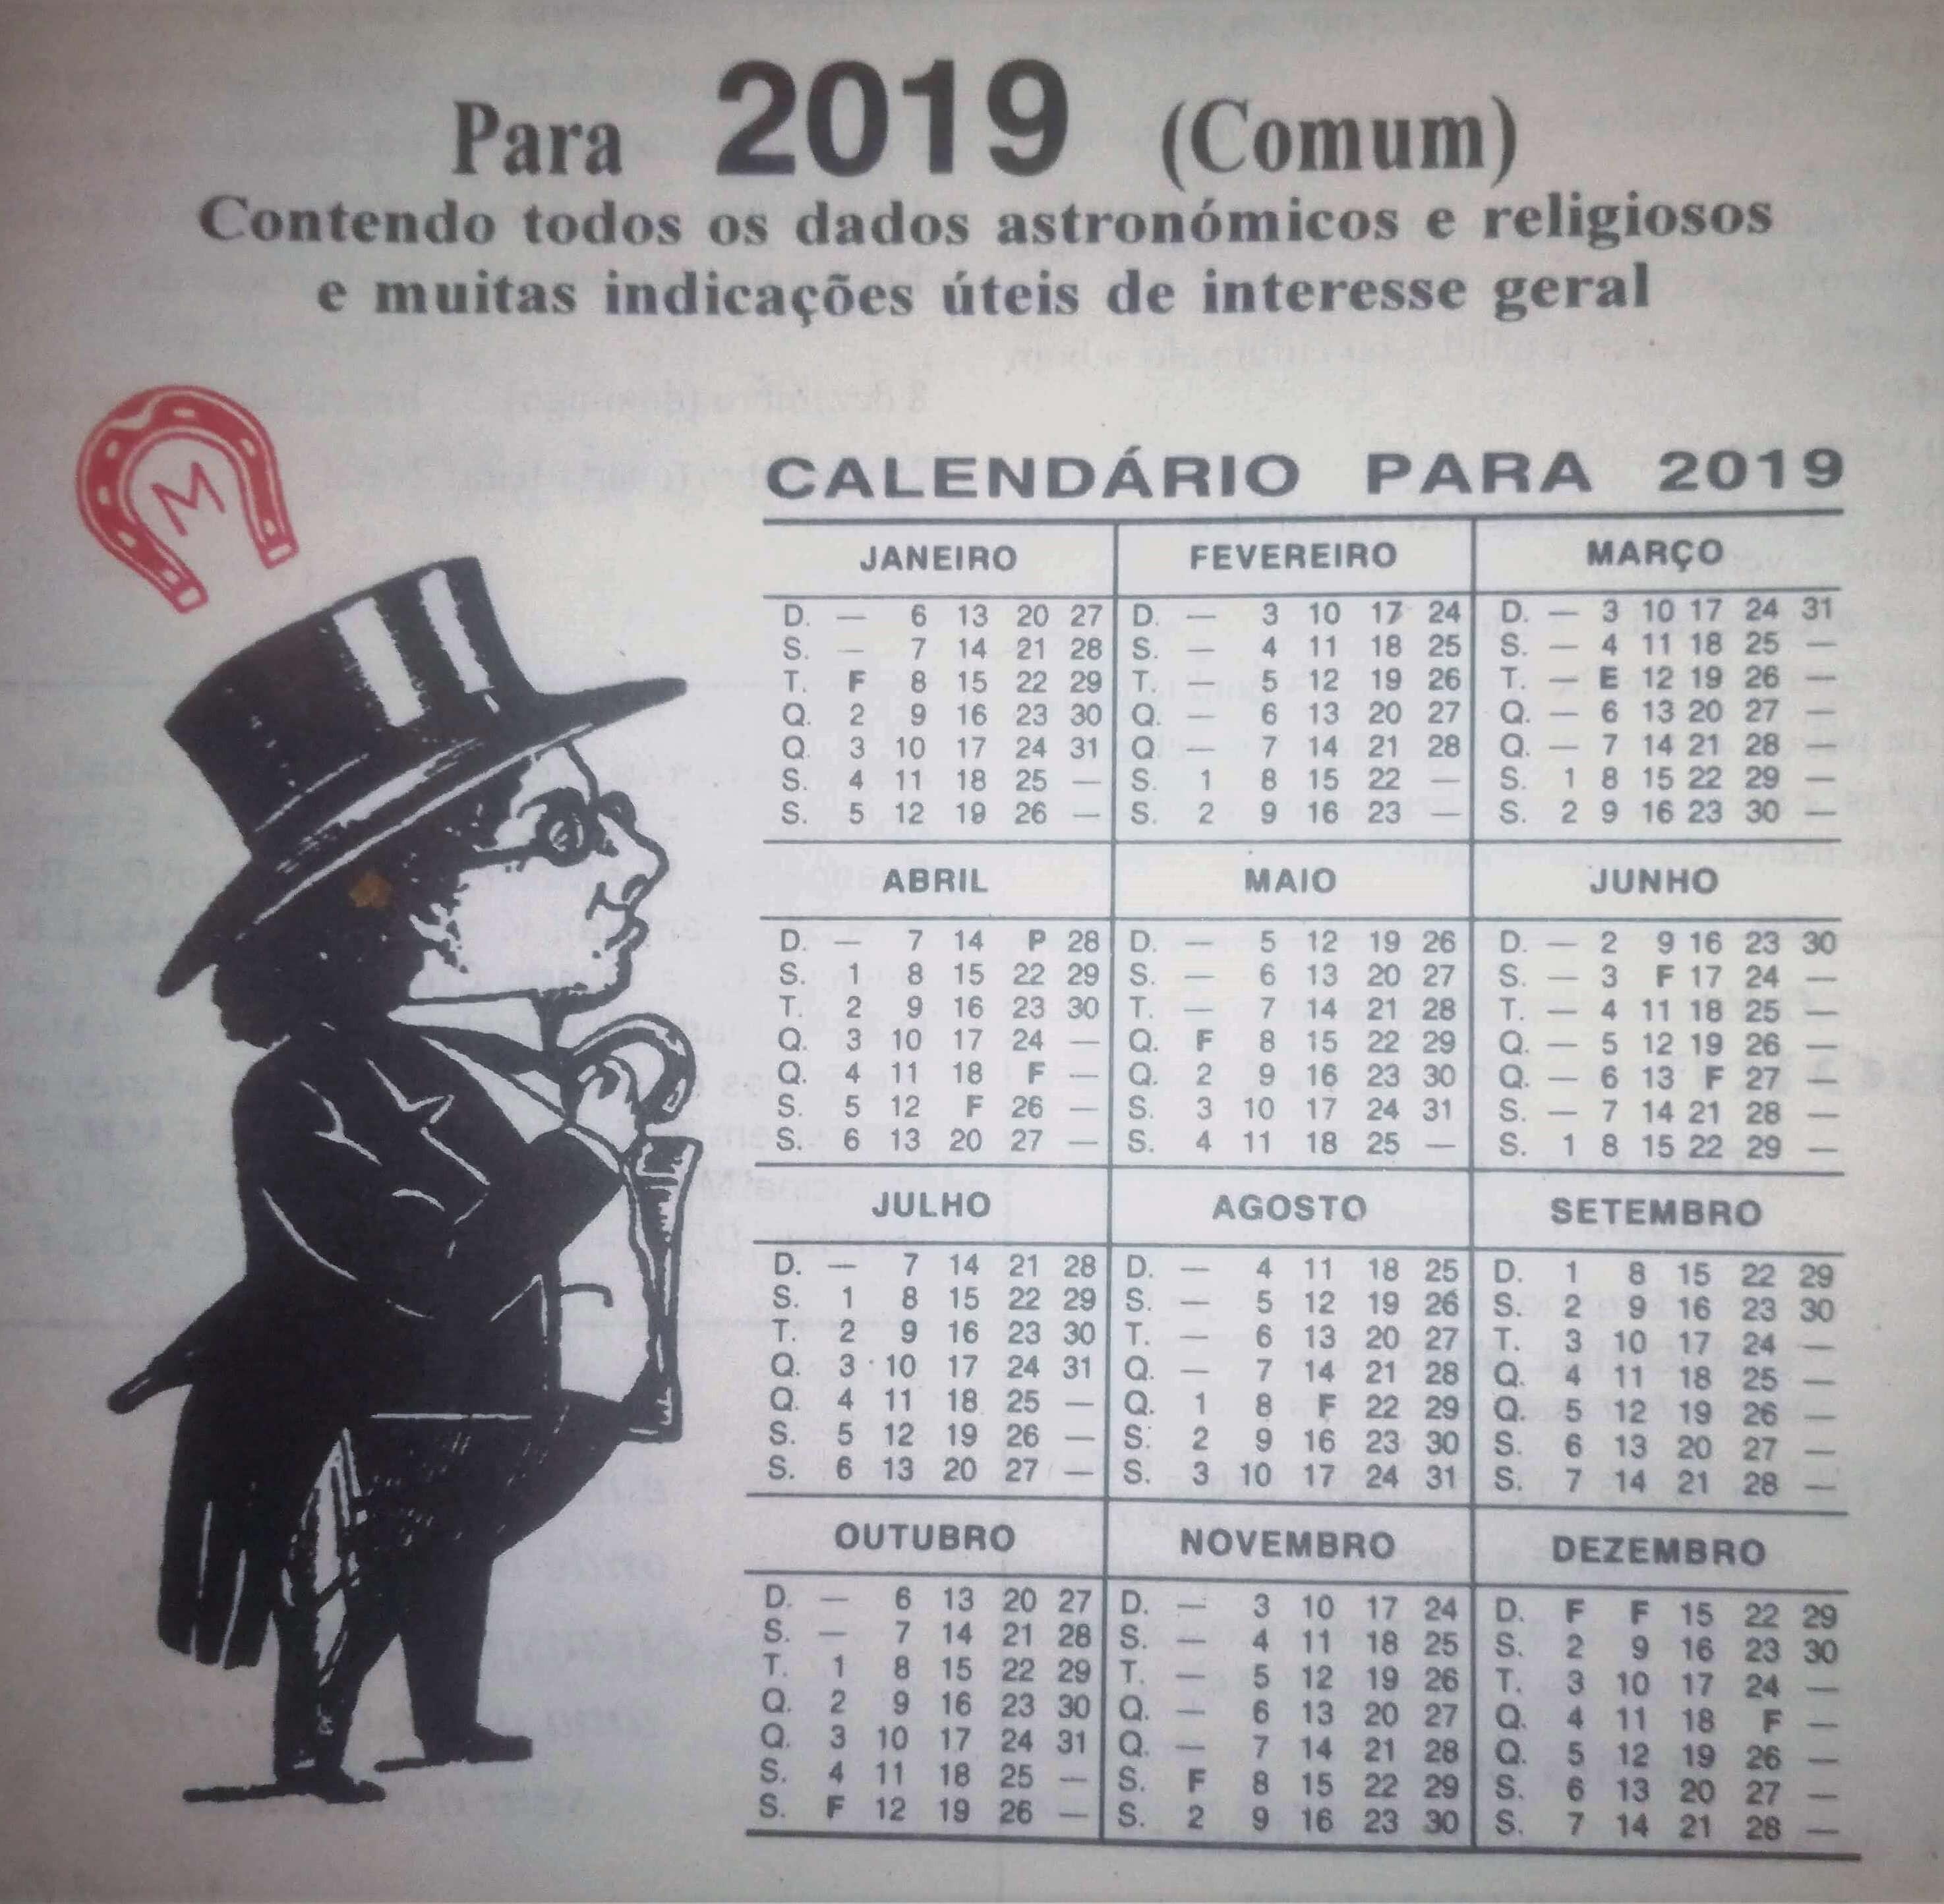 Calendario 2019 Feriados Puentes Más Caliente Calendario Mes 2019 Para Imprimir Abril T